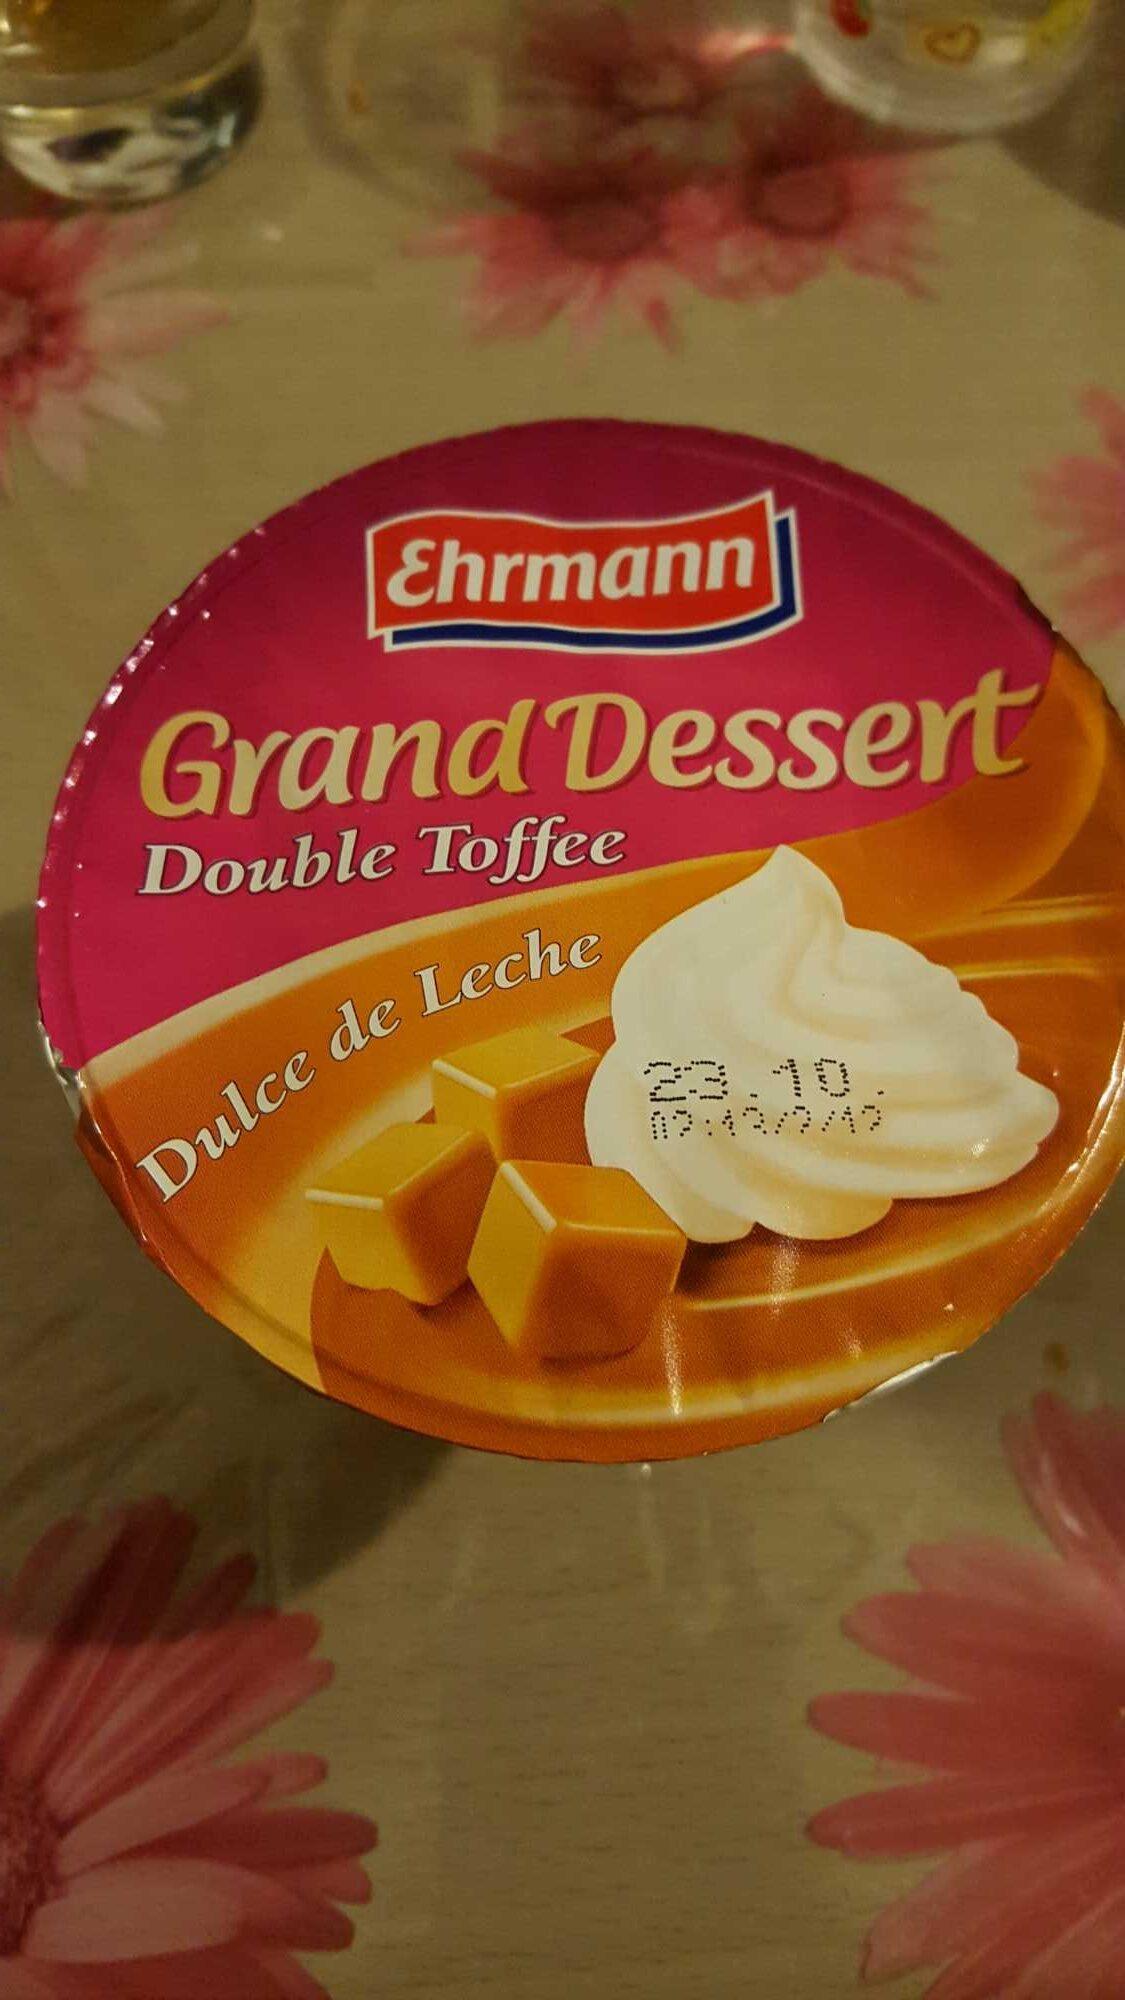 Grand Dessert Double Toffee Dulce de Leche - Produit - fr